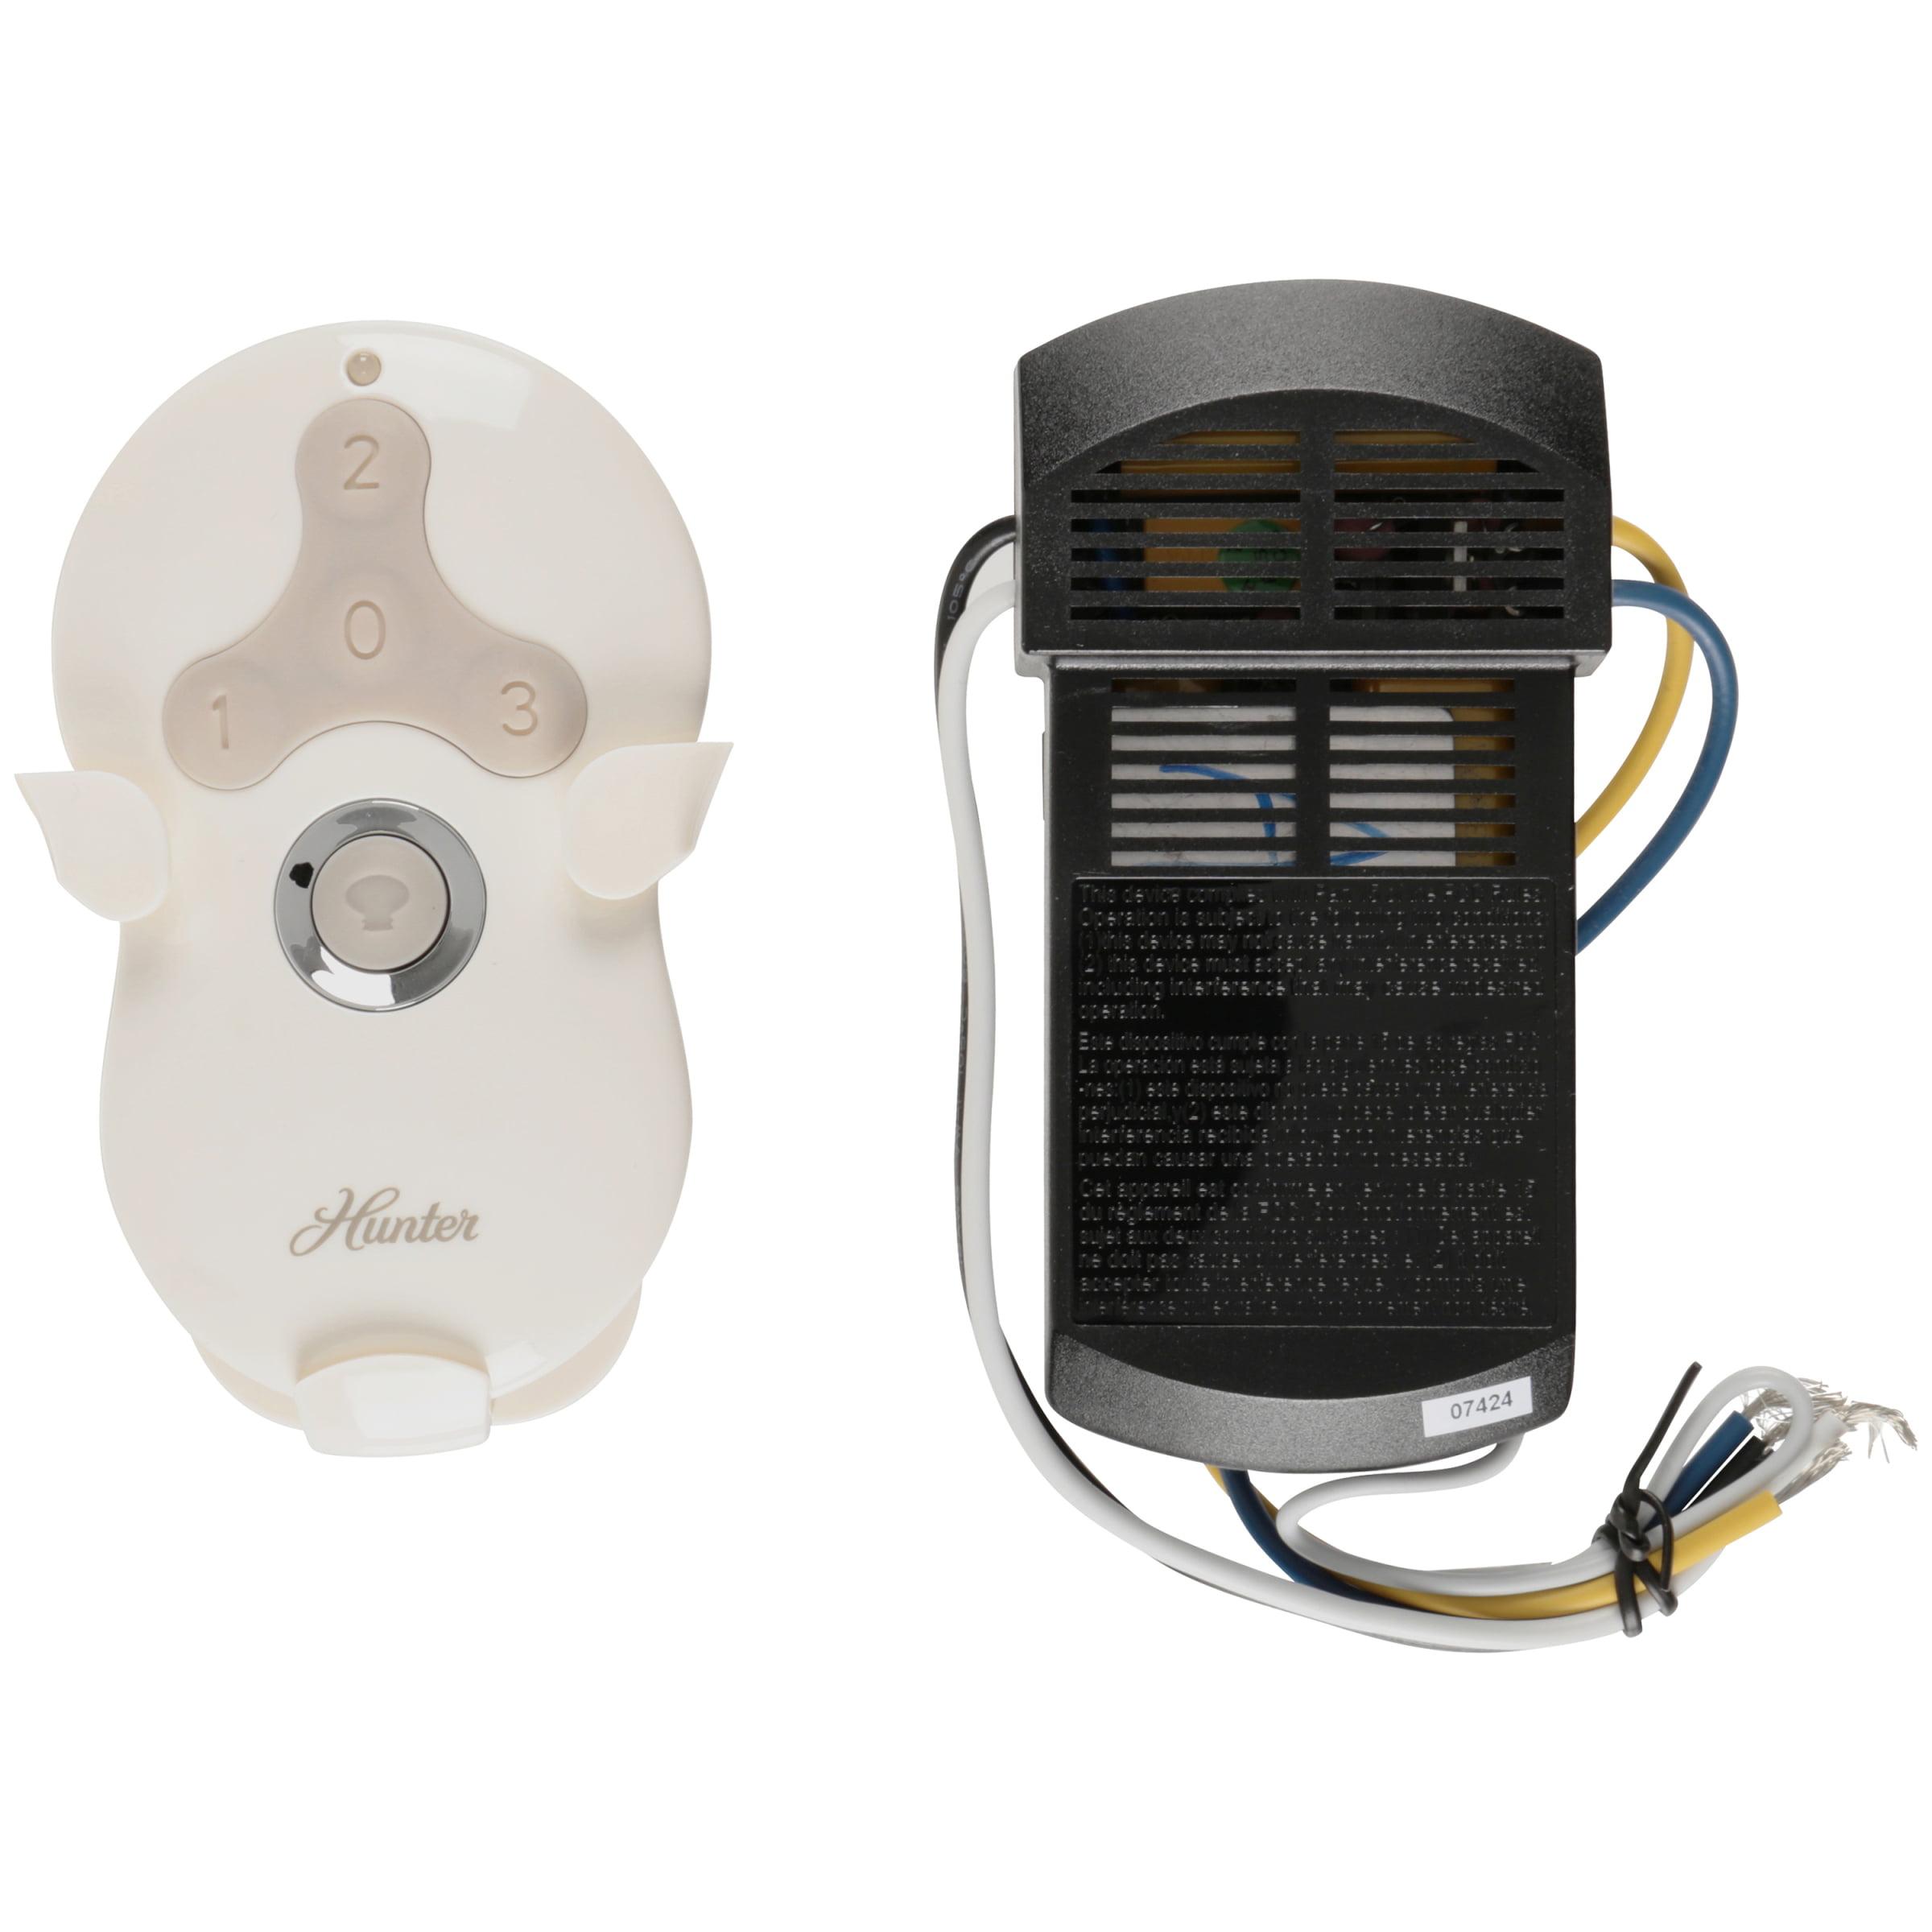 Hunter Fan Company 99122 Universal 3-Speed Ceiling Fan/Light Remote Control